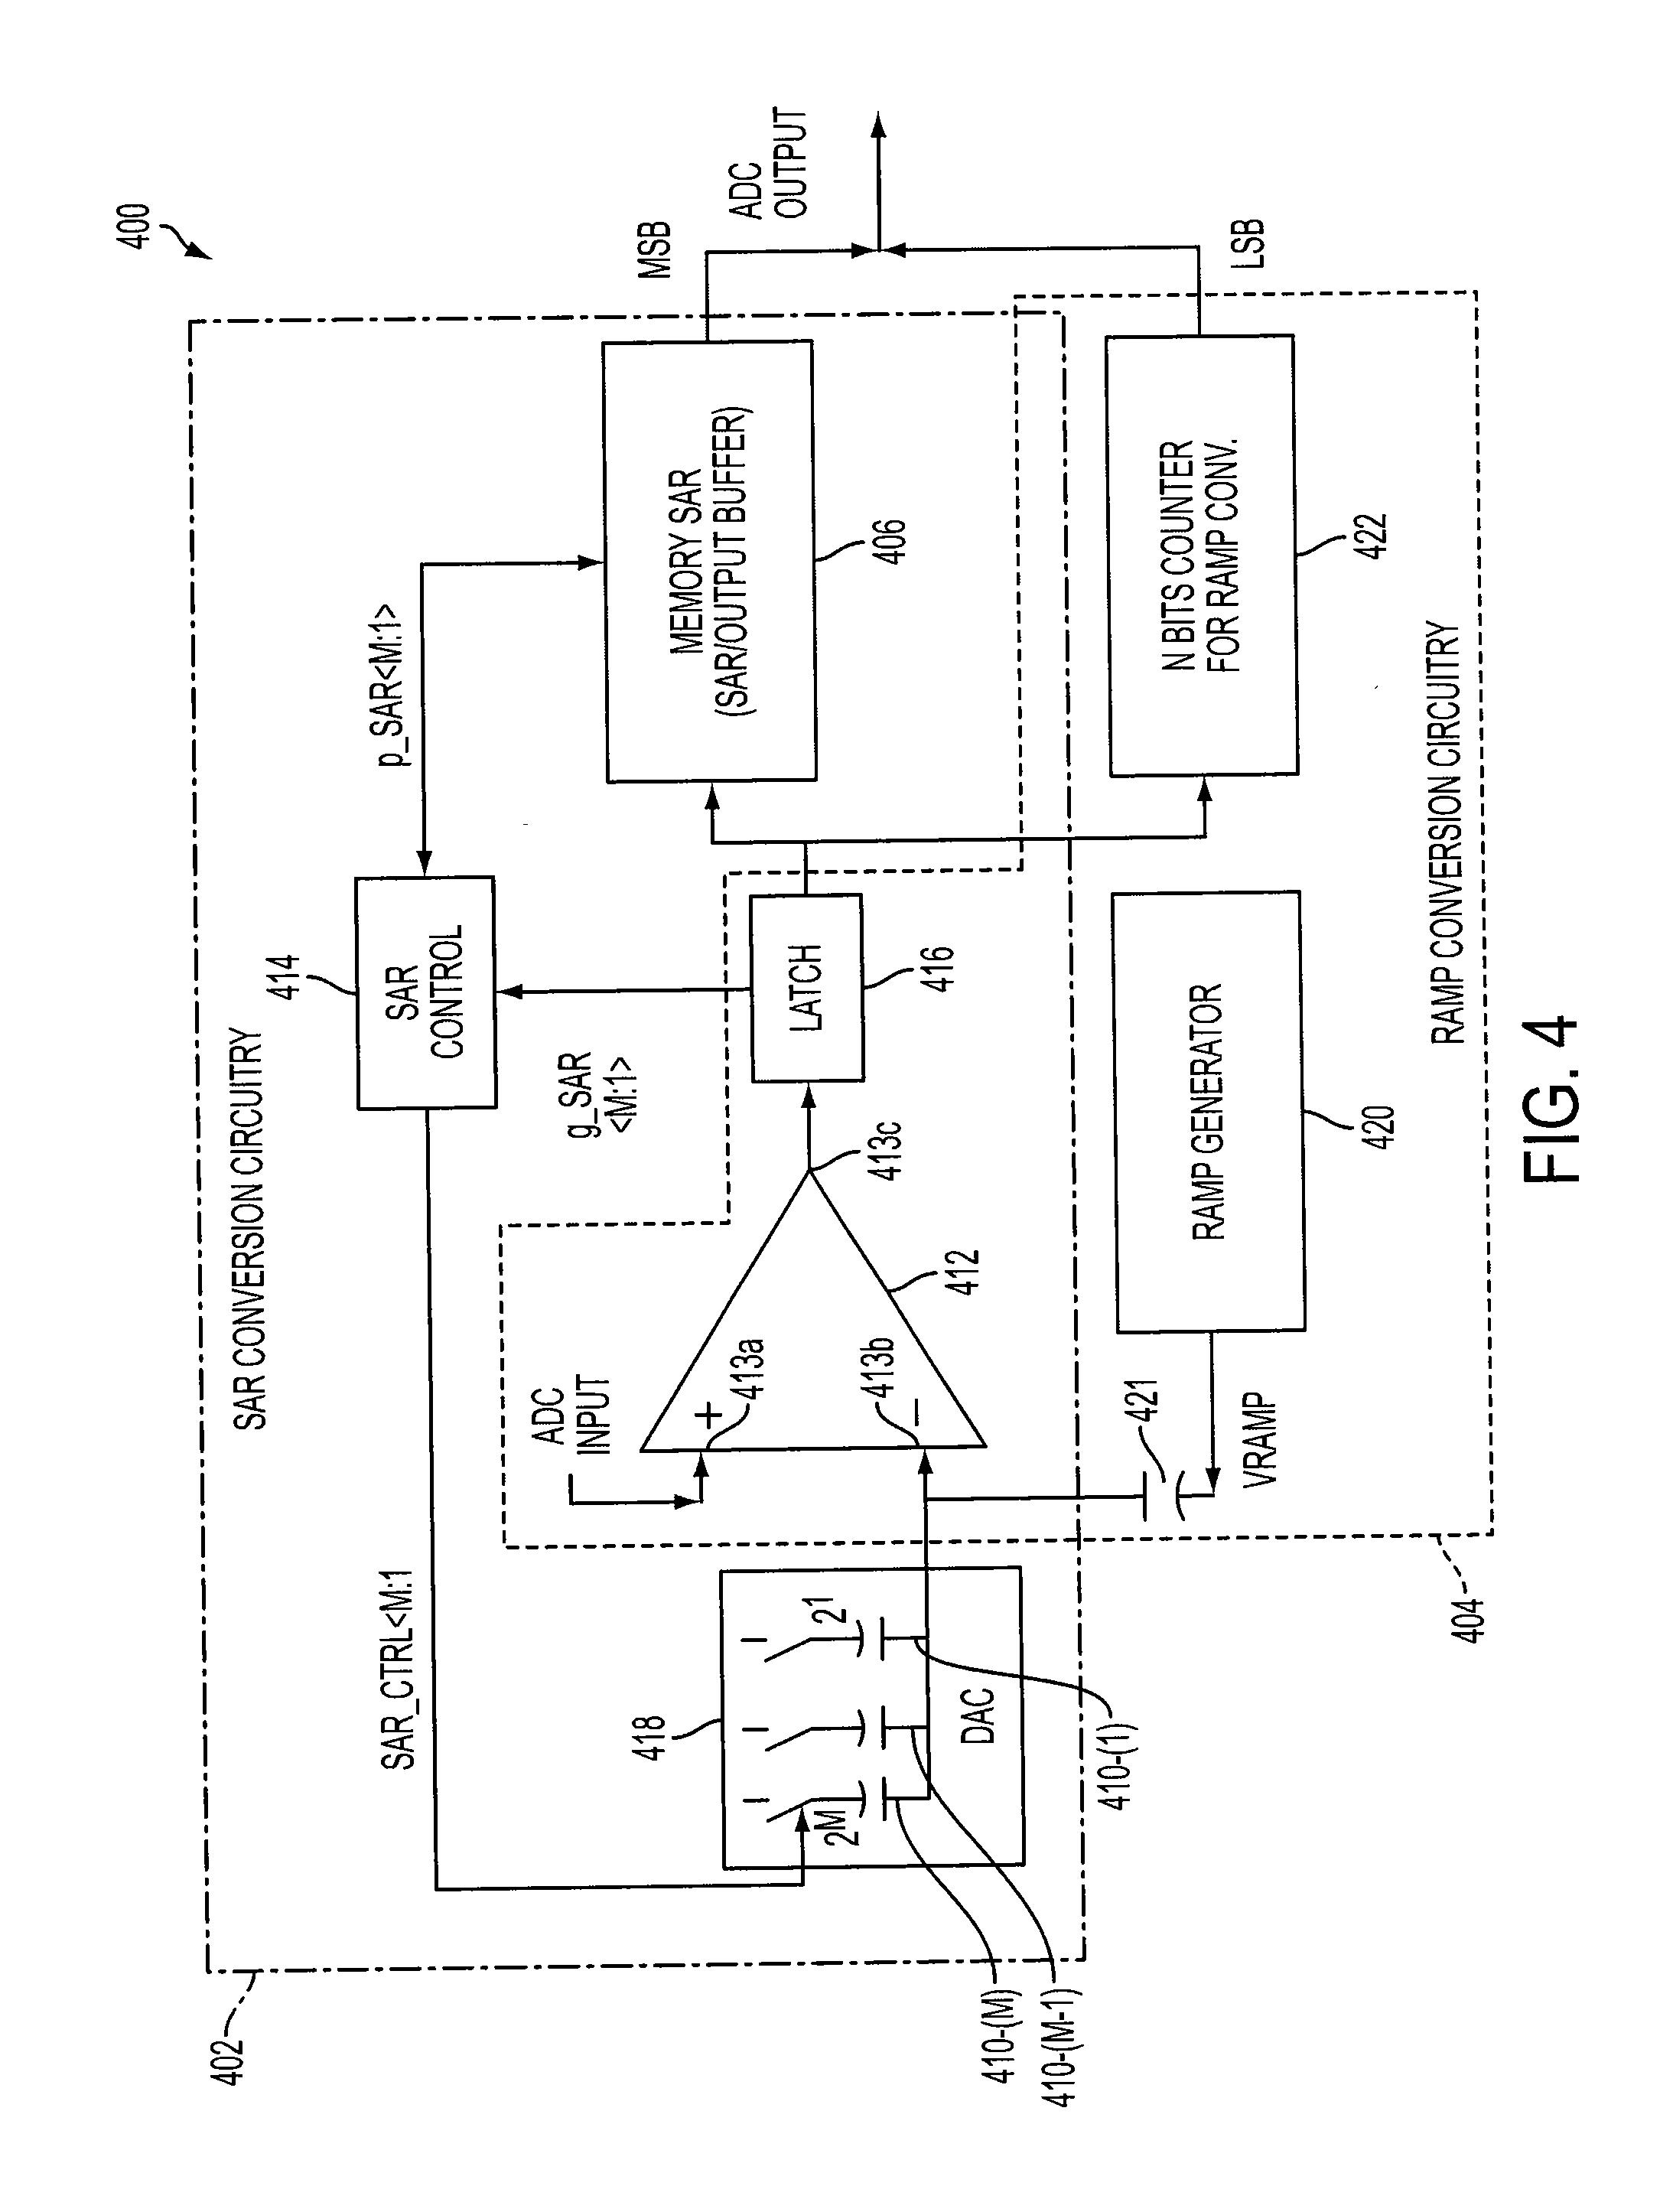 patent us20120287316